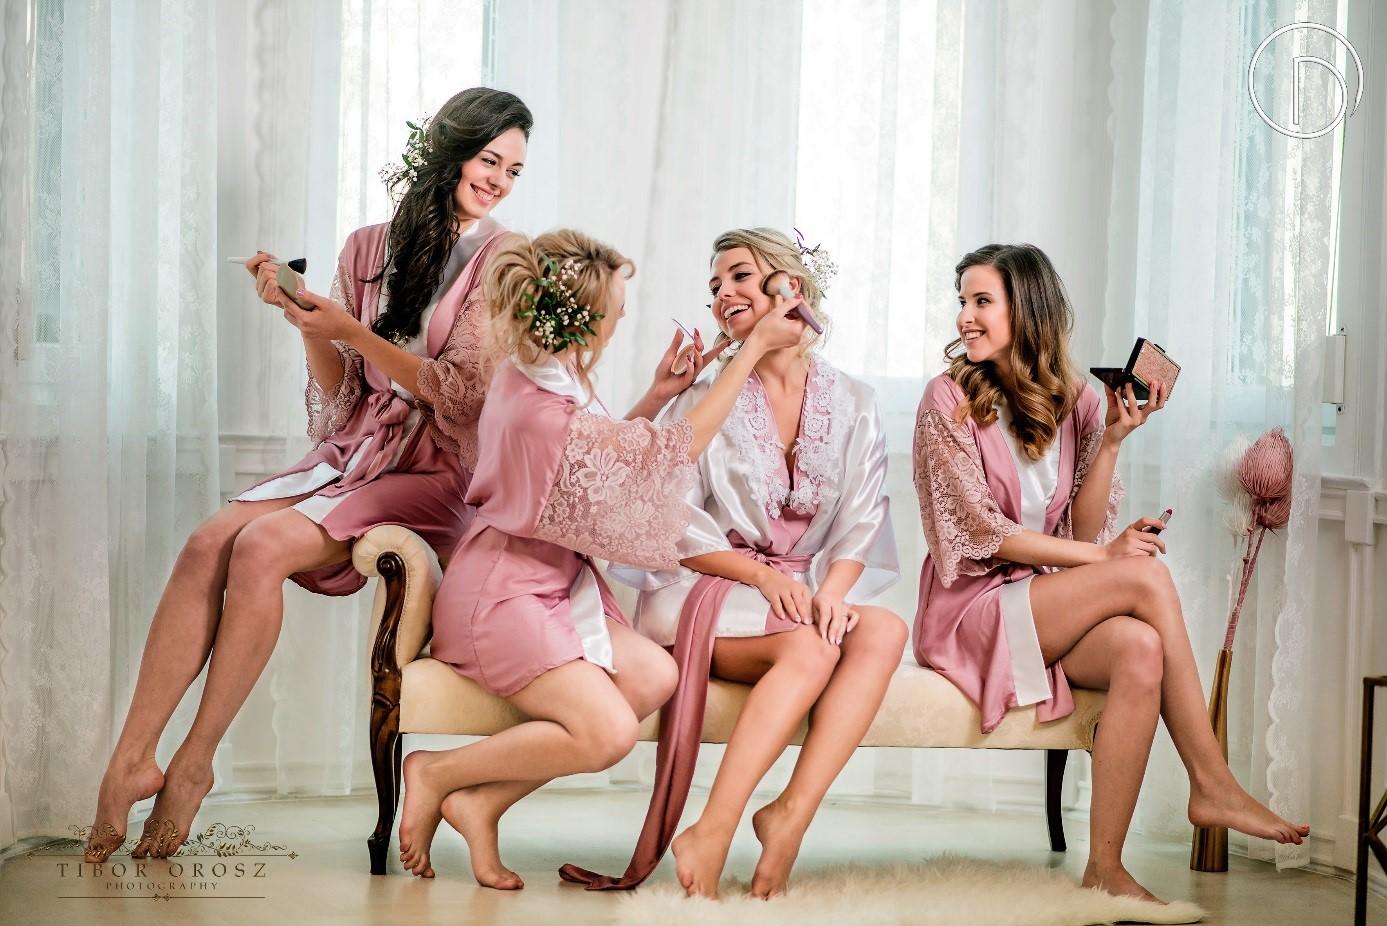 """Majd Orsolya Darcsi köntös és estélyi kollekciója lép a kifutóra. <br /><br />Az ORSOLYA DARCSI idén mutatta be első és a piacon eddig egyedülálló koszorúslány köntös kollekcióit, amellyel a legtöbb nő vágyott napját, az esküvőt szeretné különlegessé és egyedivé varázsolni. Maga a márka 2015-ben alakult, alapvetően a nőiesség és az elegancia megtestesítésére törekszik, amellyel a határozott, intelligens nőket akarja megszólítani. Most korábbi kollekcióinak válogatását láthatjuk, melyeknél az anyagválasztás, a kifinomult fazonok és a púderszínű árnyalatok dominálnak. Az ORSOLYA DARCSI nőideálja nem fél élvezni az életet, hisz a saját személyisége és az öltözködés erejében.<br />""""Az eddigi kollekcióiból egy vegyes válogatás van terítéken, hogy minél több oldalról megismerjenek. Legyen akár szó az Emprimé menyasszonyi köntös kollekcióról vagy egy tavaszi kabátról, estélyi ruhákról. Minden darabban kibontakoztatom a saját ízlésemet, amit egy olyan nőideálhoz hasonlítok, aki határozott, intelligens, elegáns és ízléses, aki nem fél érezni és élvezni az életet. Akinek a gondolatai, tettei harmóniában vannak azzal a személyiséggel, amit a külvilágnak mutat. Aki ösztönösen vagy tudat alatt, de képes az öltözködésével is megmutatni, hogy milyen energikus és mennyire nőies.<br />Anyagok és színek tekintetéből rajongok a visszafogott, púderesebb árnyalatokért, a nőies, már-már babás színekért. Imádom a korall és rózsaszín halvány árnyalatait, a mentát, napsárgát és ezek keverékeit is. Szeretem, ha csempészhetek hozzá némi feketét, ezzel alkotva éles, tekinteteket vonzó kontrasztokat. Anyagválasztásban nagyon törekszem a minőségre, fontos, hogy időtálló anyagokat válasszak."""" – nyilatkozta a tervező. <br /><br />Photo: Orosz Tibor<br />Hair: Danó Renáta<br />Modellek: Beáta Balogh, Kitti Biba, Fatime Balog, Renáta Danó, Mercédesz Jaksa<br /><br />További információ:<br />https://www.facebook.com/orsolyadarcsi.fashiondesigner/?fref=ts<br />(30) 883 2245<br />od@orsolyadarcsi.com"""